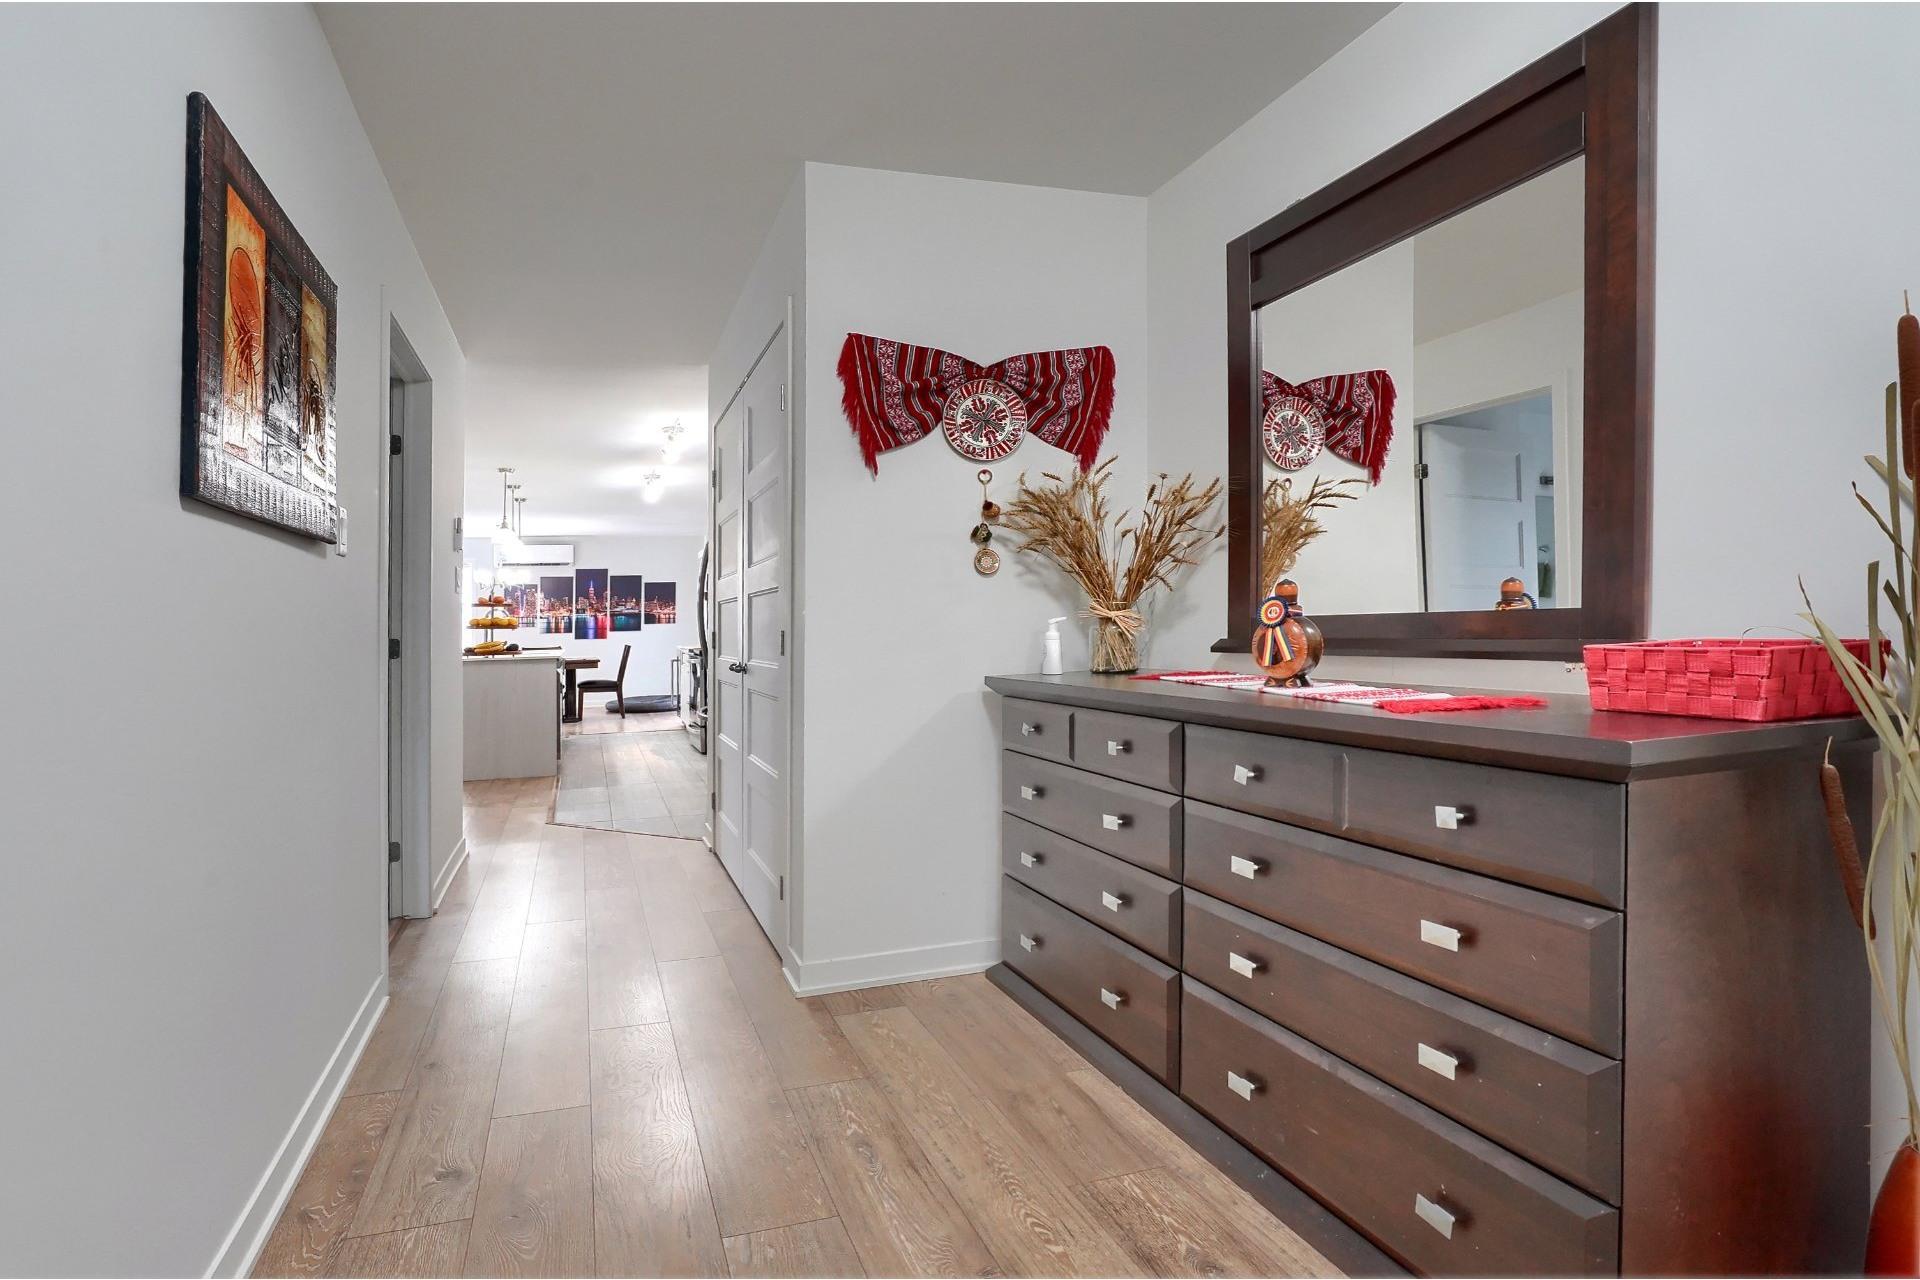 image 4 - Appartement À vendre Brossard - 7 pièces